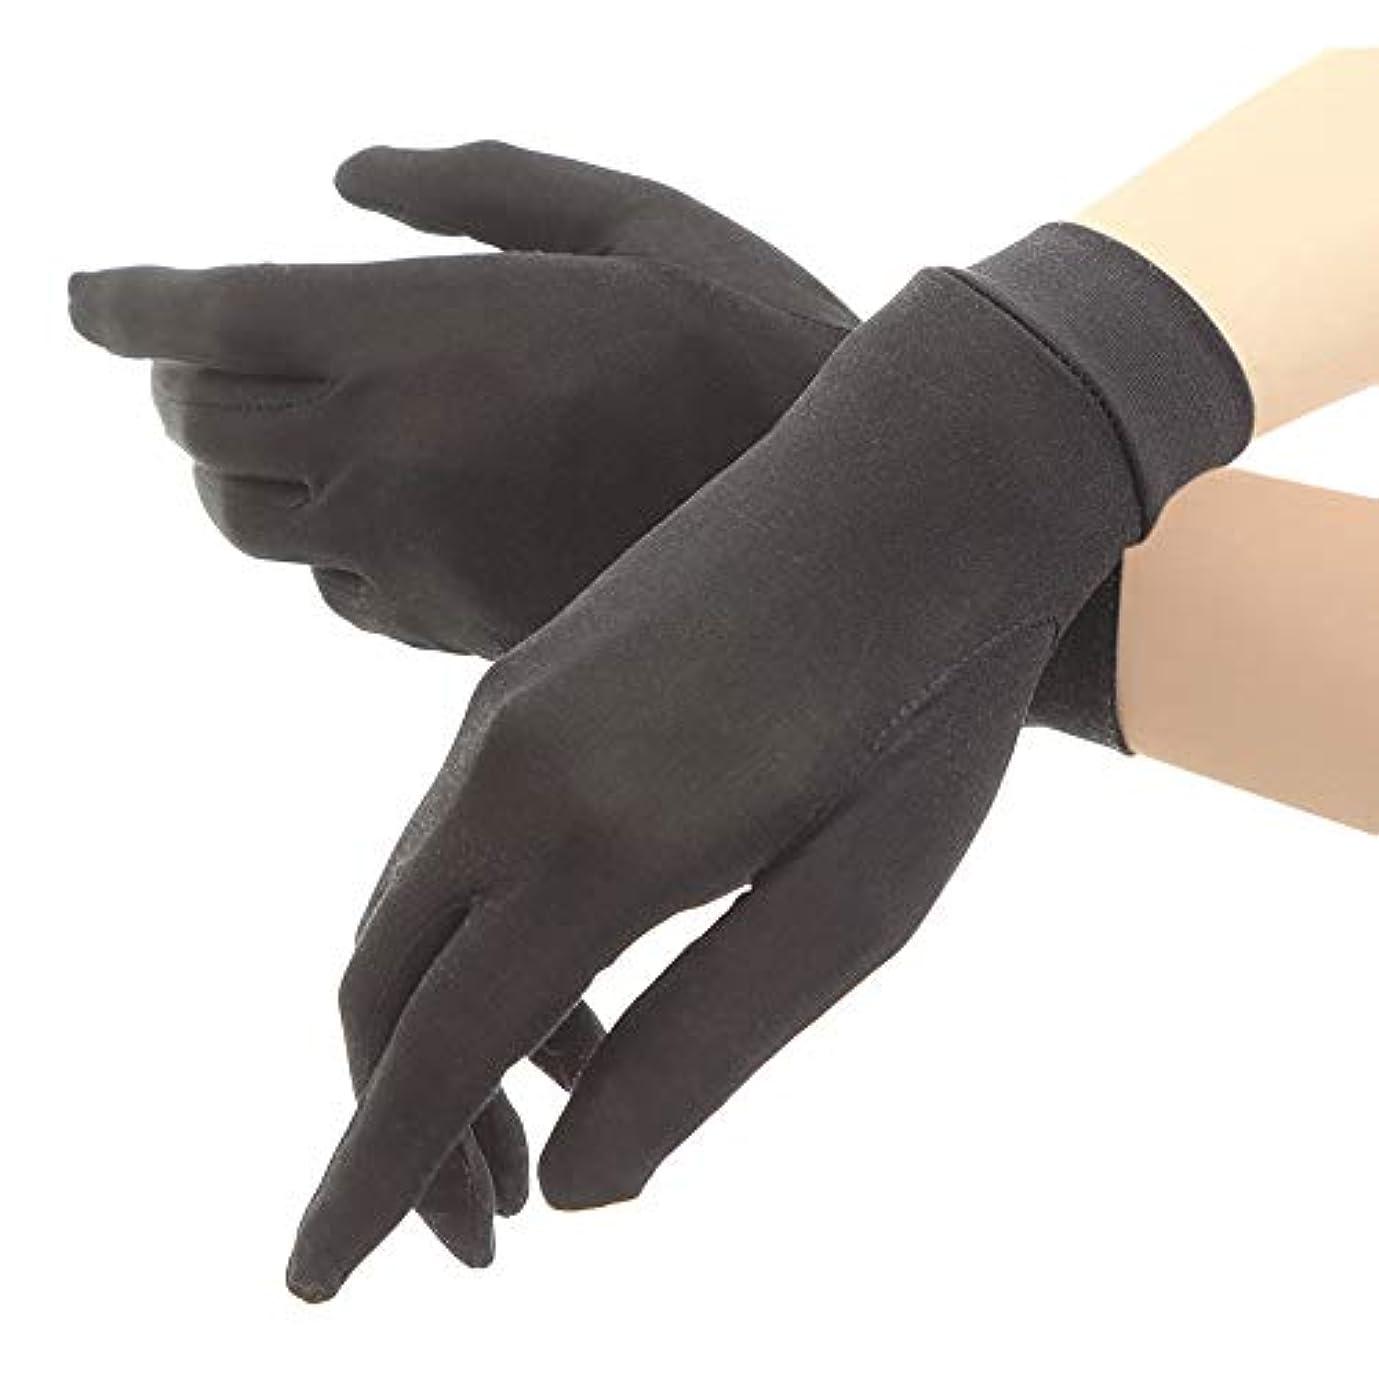 それらきちんとした前進シルク手袋 レディース 手袋 シルク 絹 ハンド ケア 保湿 紫外線 肌荒れ 乾燥 サイズアップで手指にマッチ 【macch】